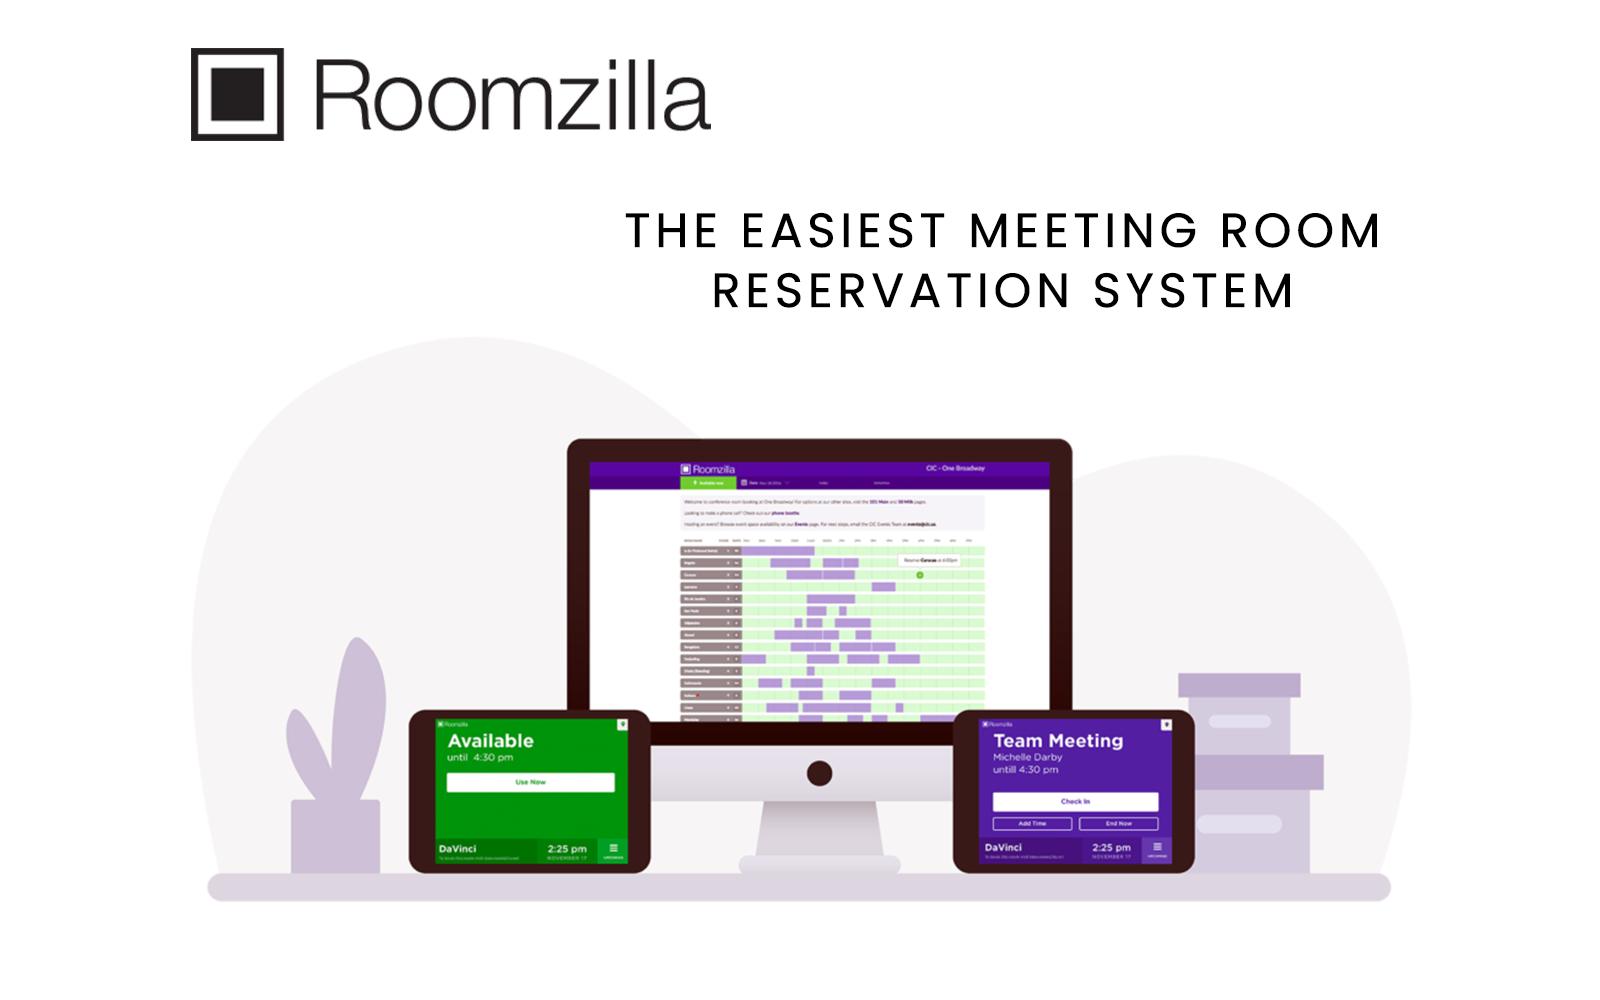 roomzilla story